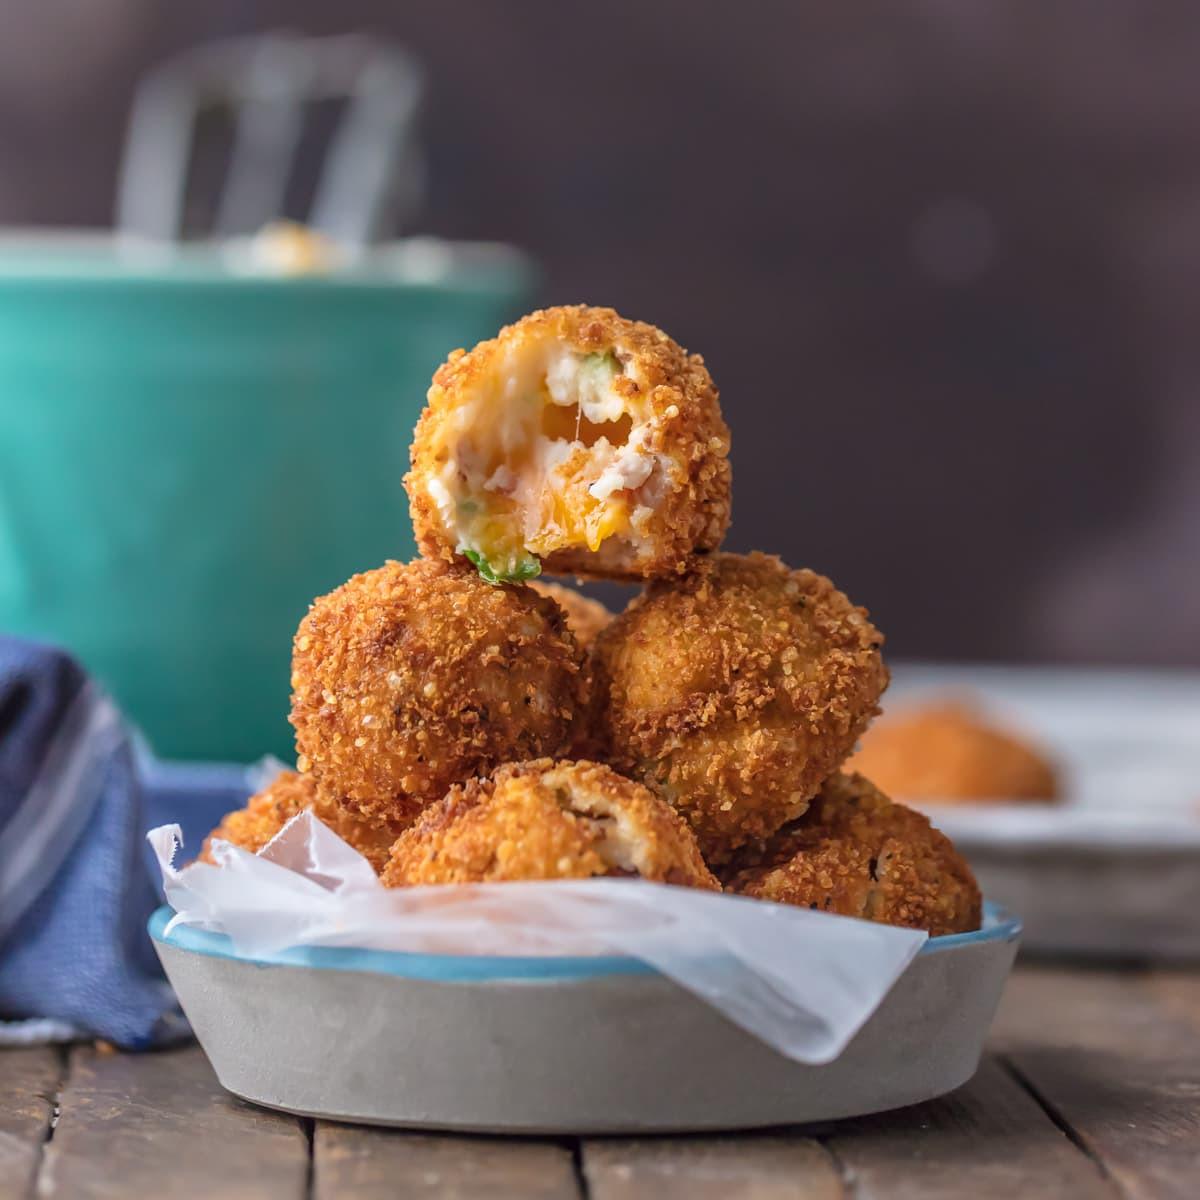 Deep Fried Mashed Potatoes  Deep Fried Loaded Mashed Potato Bites The Cookie Rookie